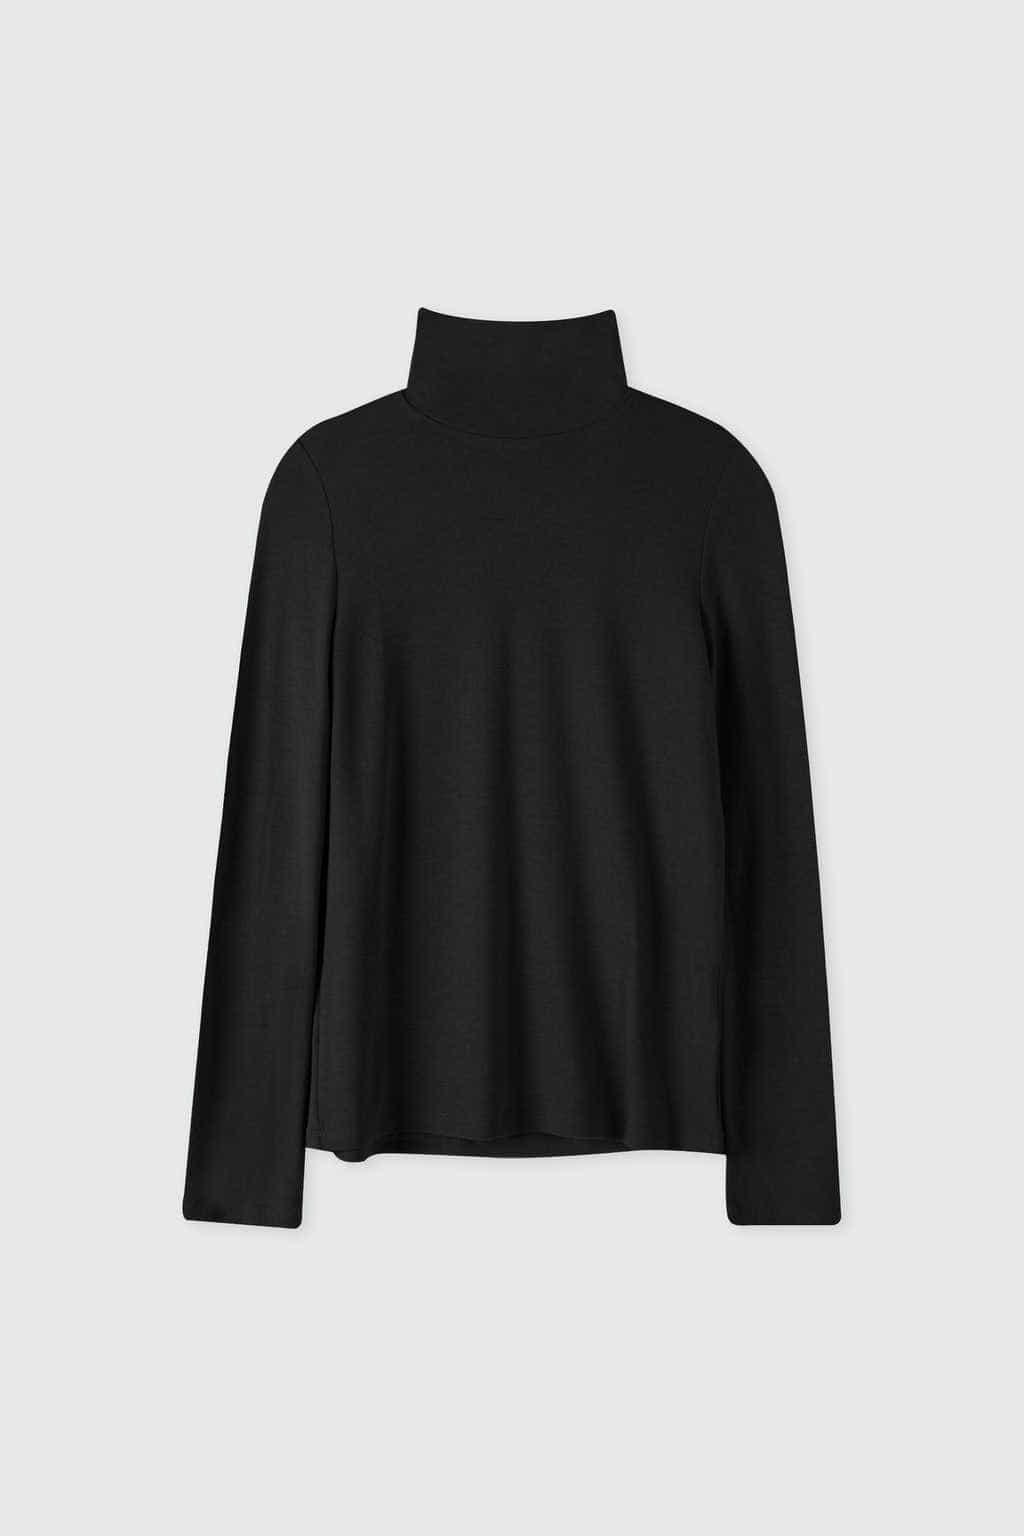 TShirt 2590 Black 13